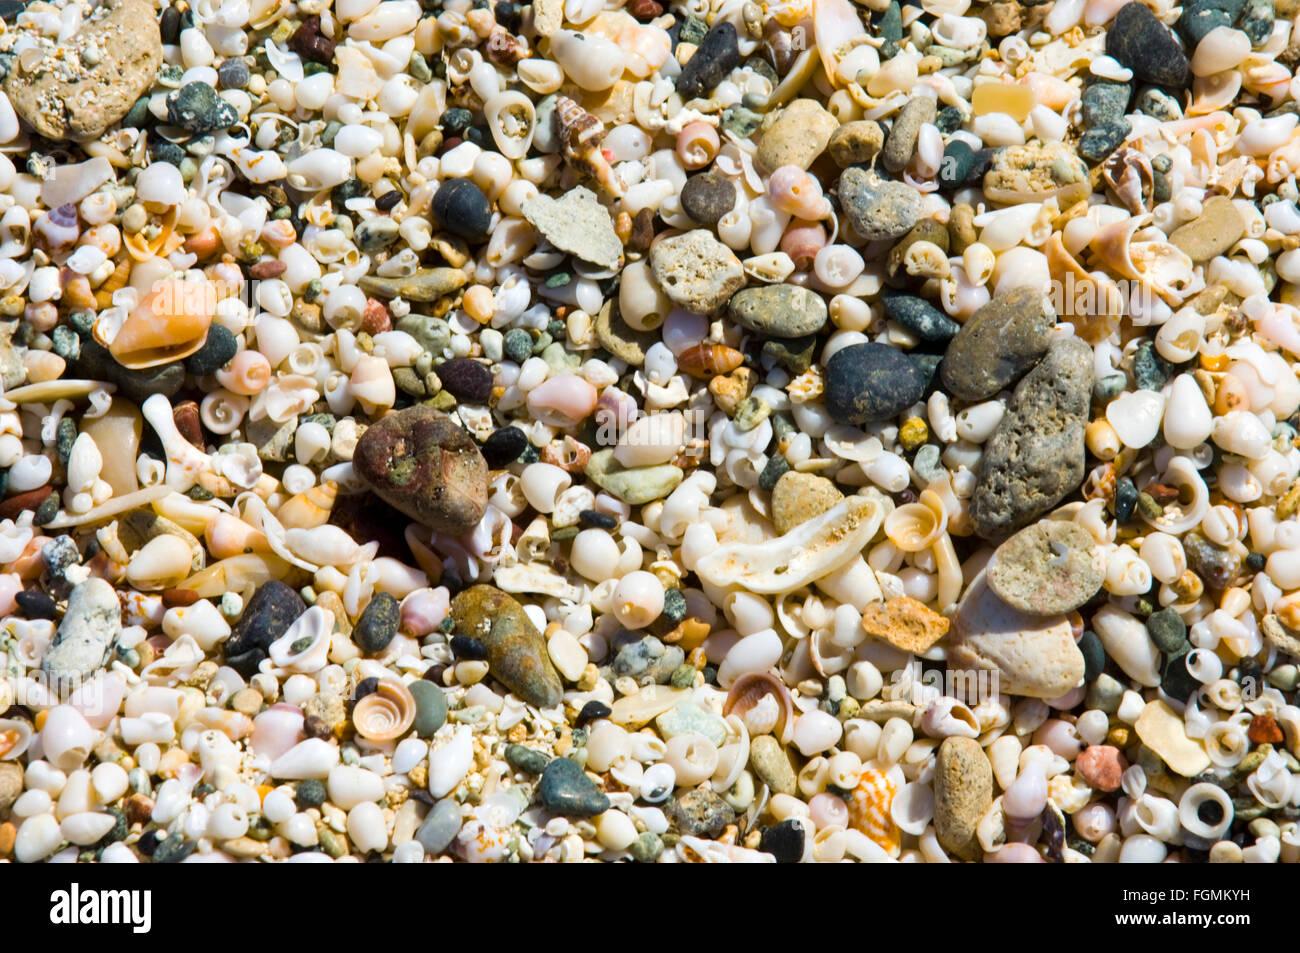 Griechenland, Kreta, Ireapetra, Insel Chrissi, Muscheln Stock Photo